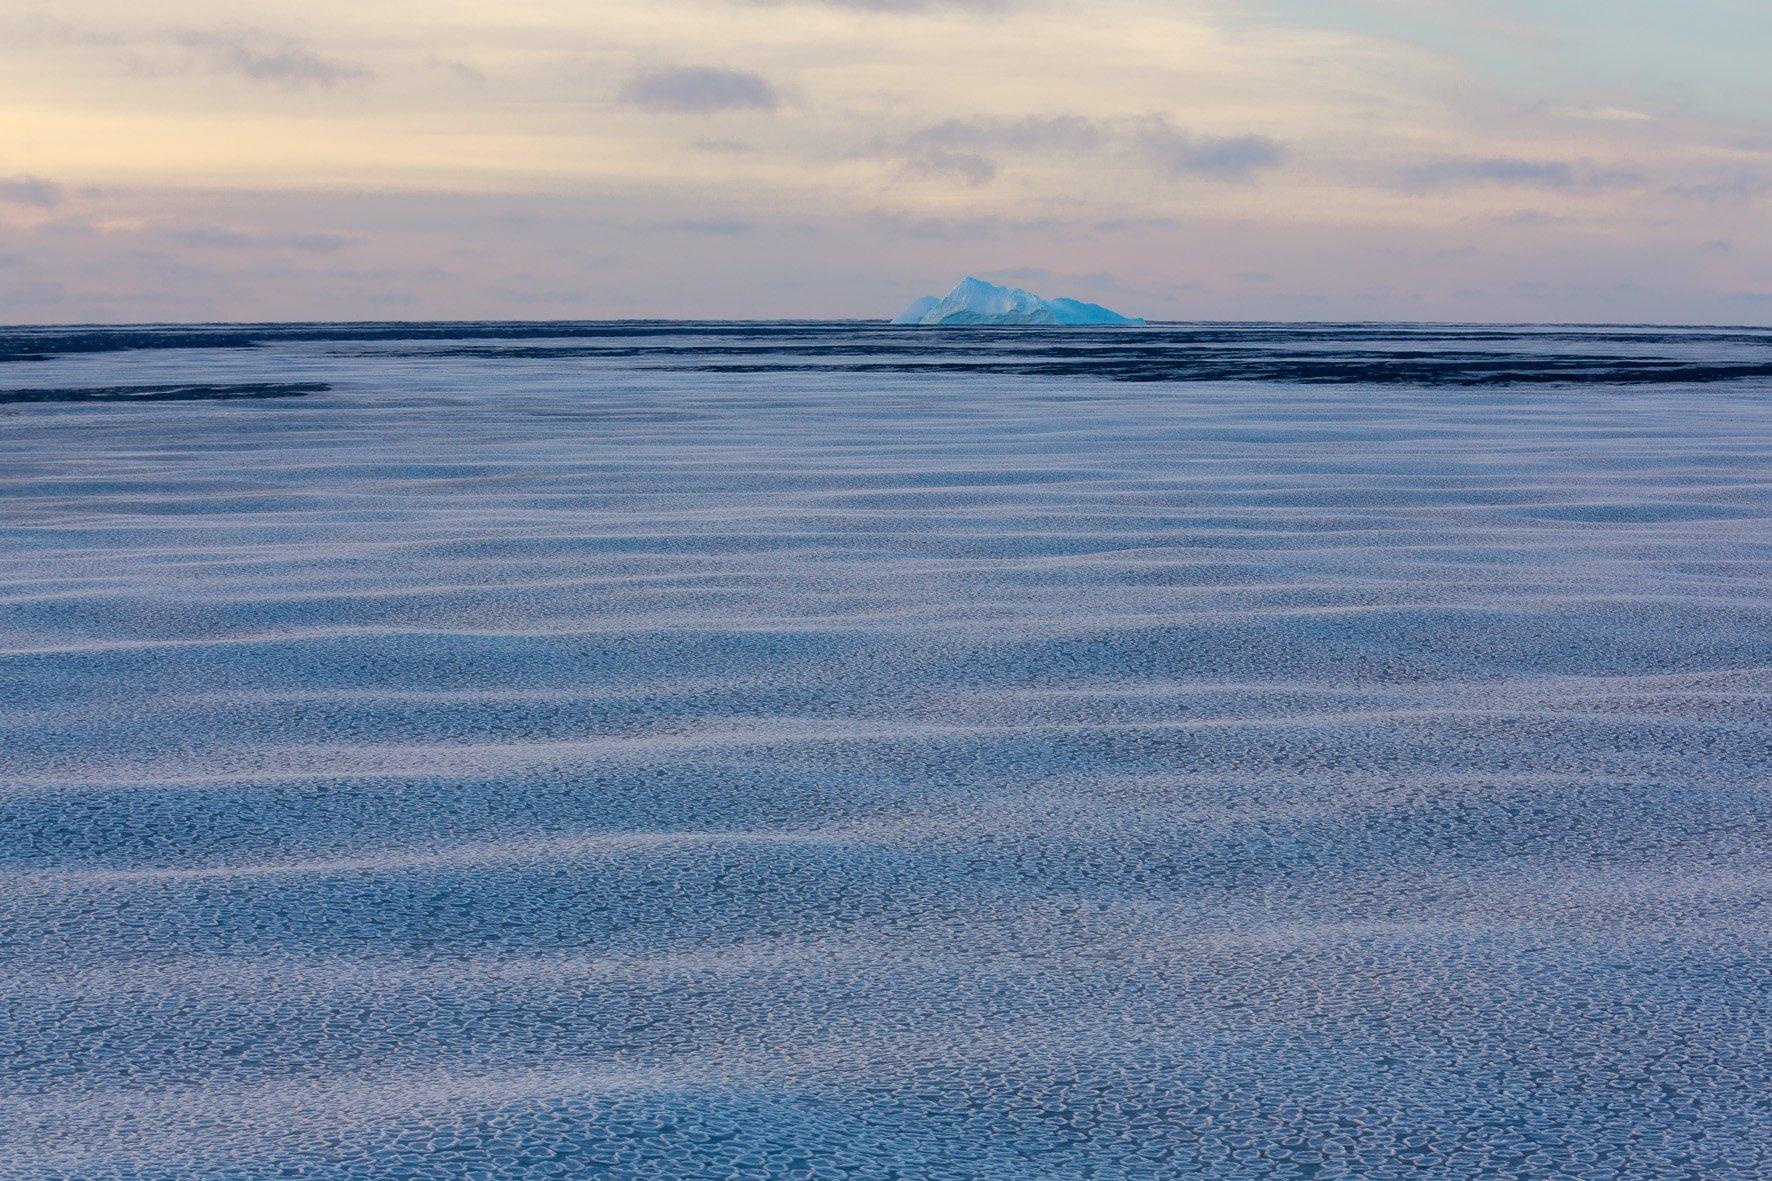 So genanntes Pfannkucheneis ist das erste Stadium sich bildenden Meereises. Noch deutlich zu sehen sind die Wellenbewegungen des Meeres unter der dünnen Eisschicht. Im Hintergrund der beeindruckenden Landschaft ist ein Eisberg zu sehen.